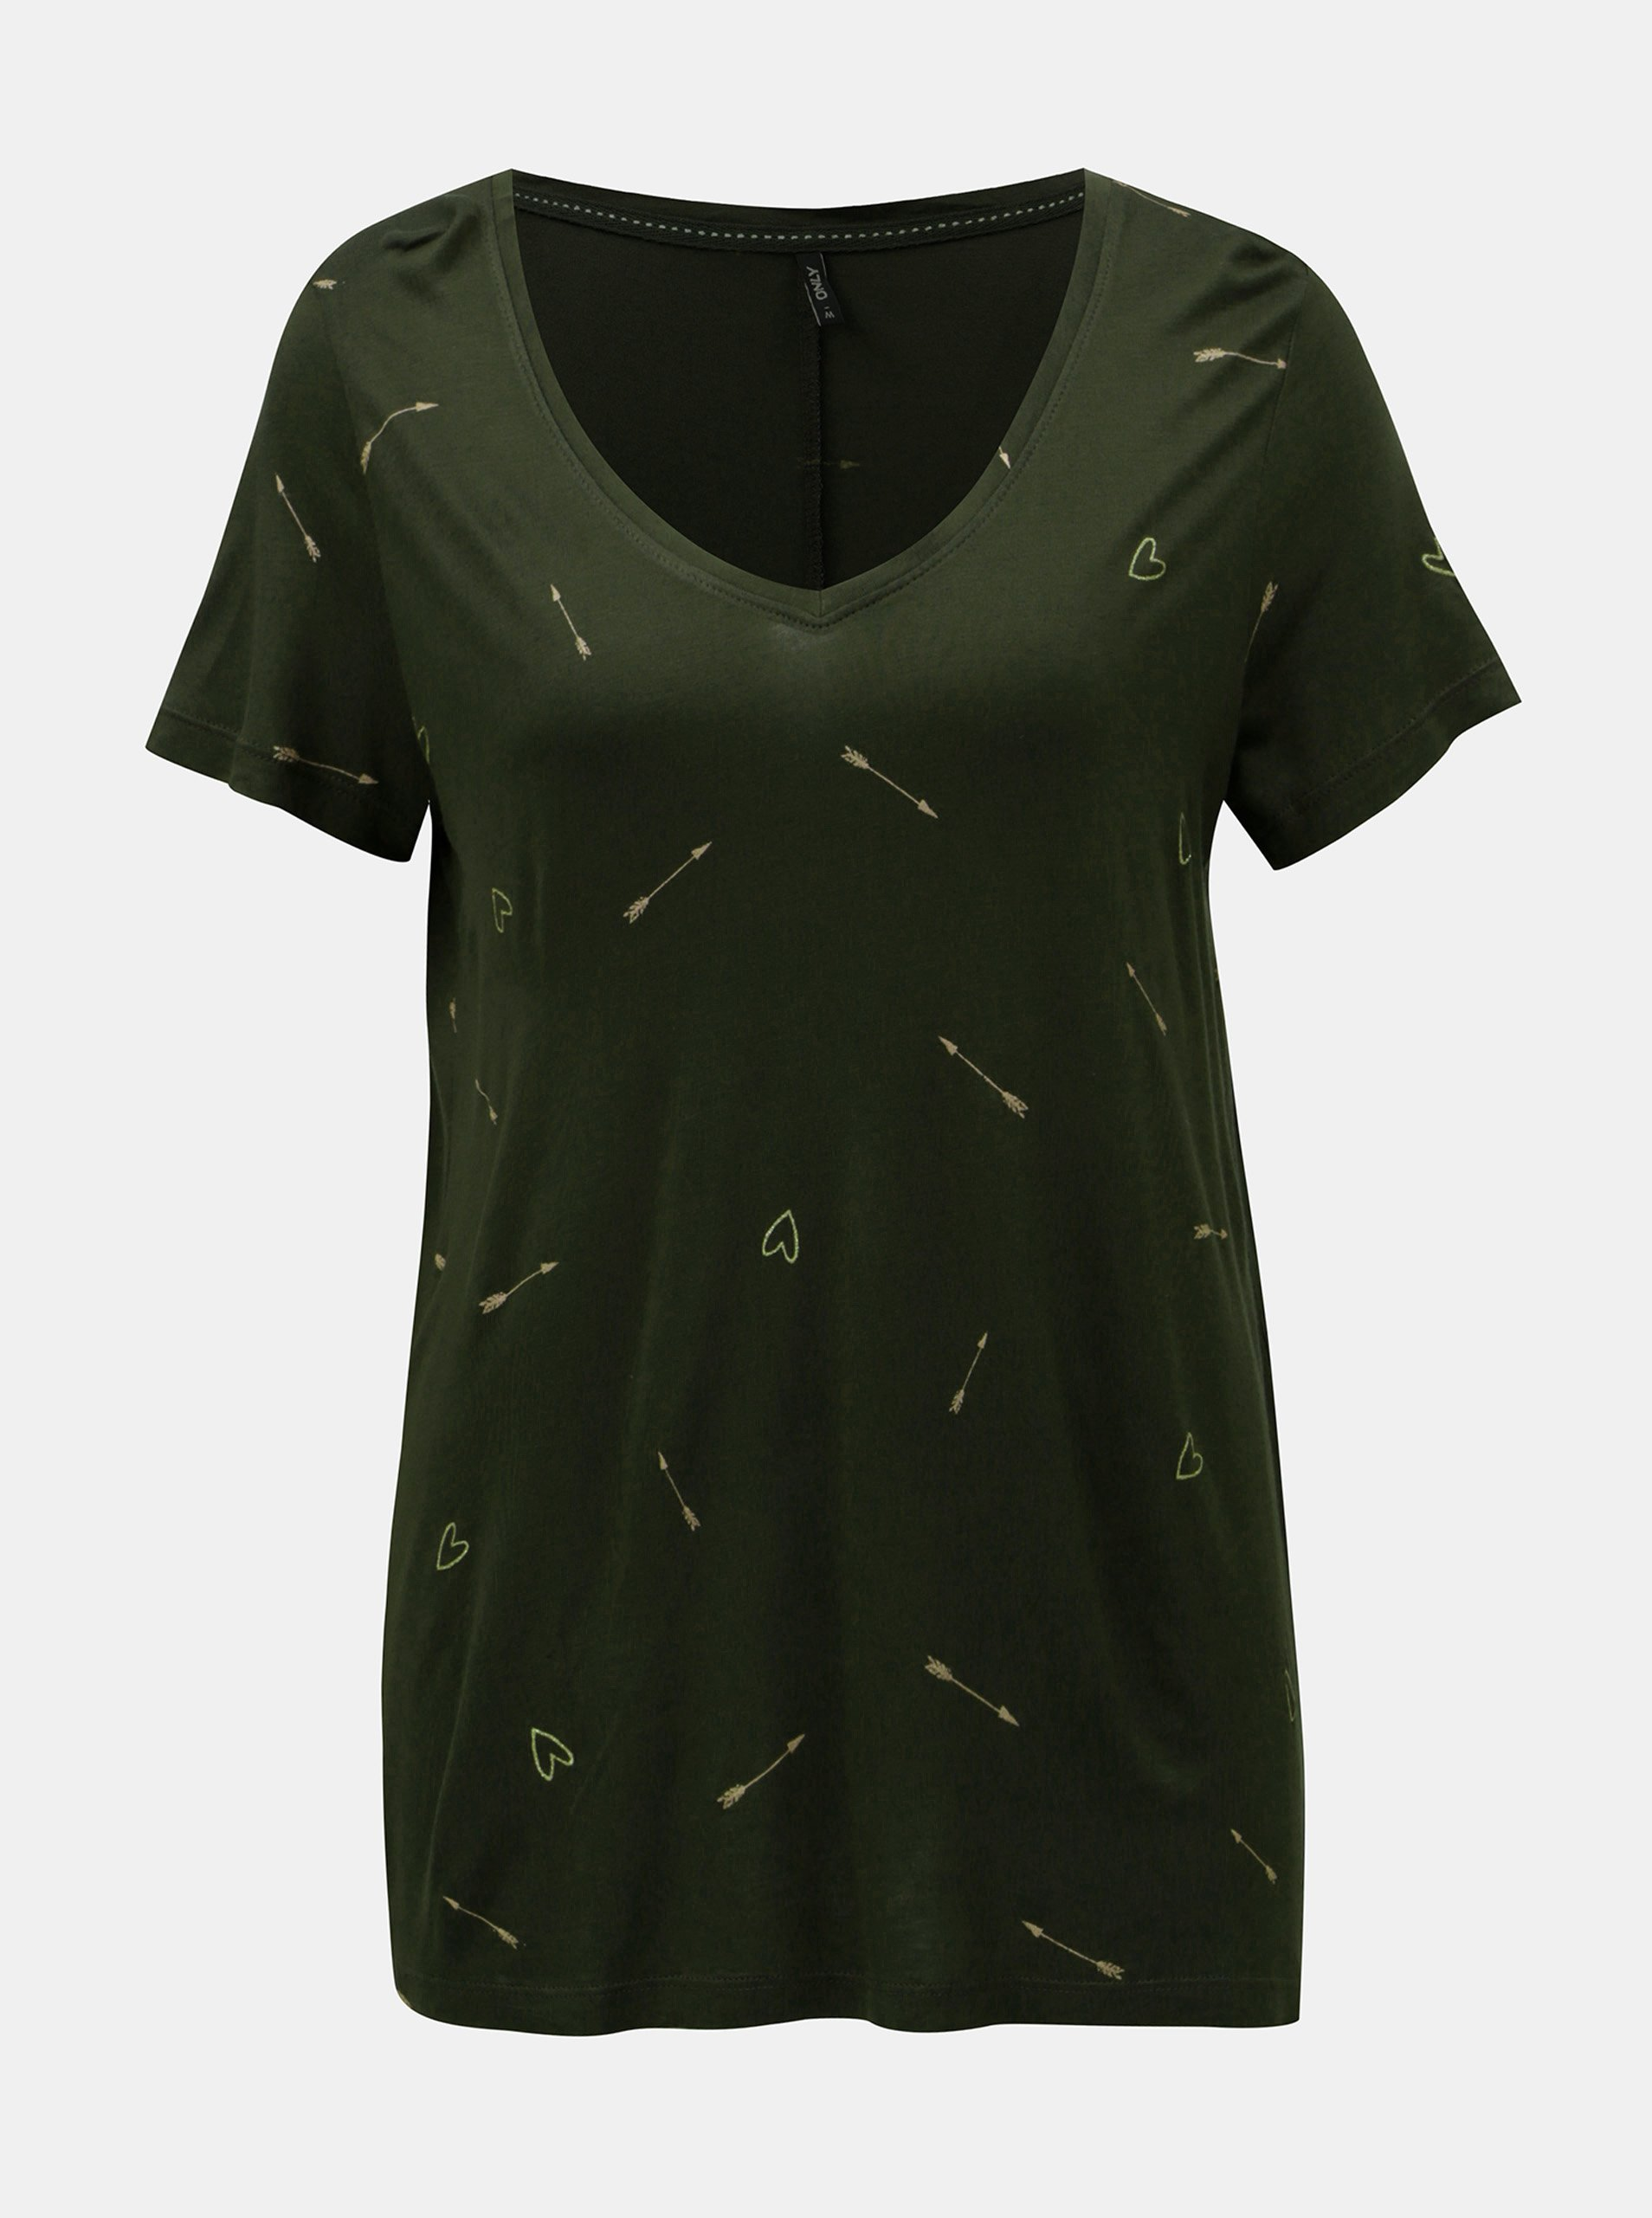 Tmavě zelené volné tričko s motivem srdcí a šípů ONLY Sabel 294b425d7c